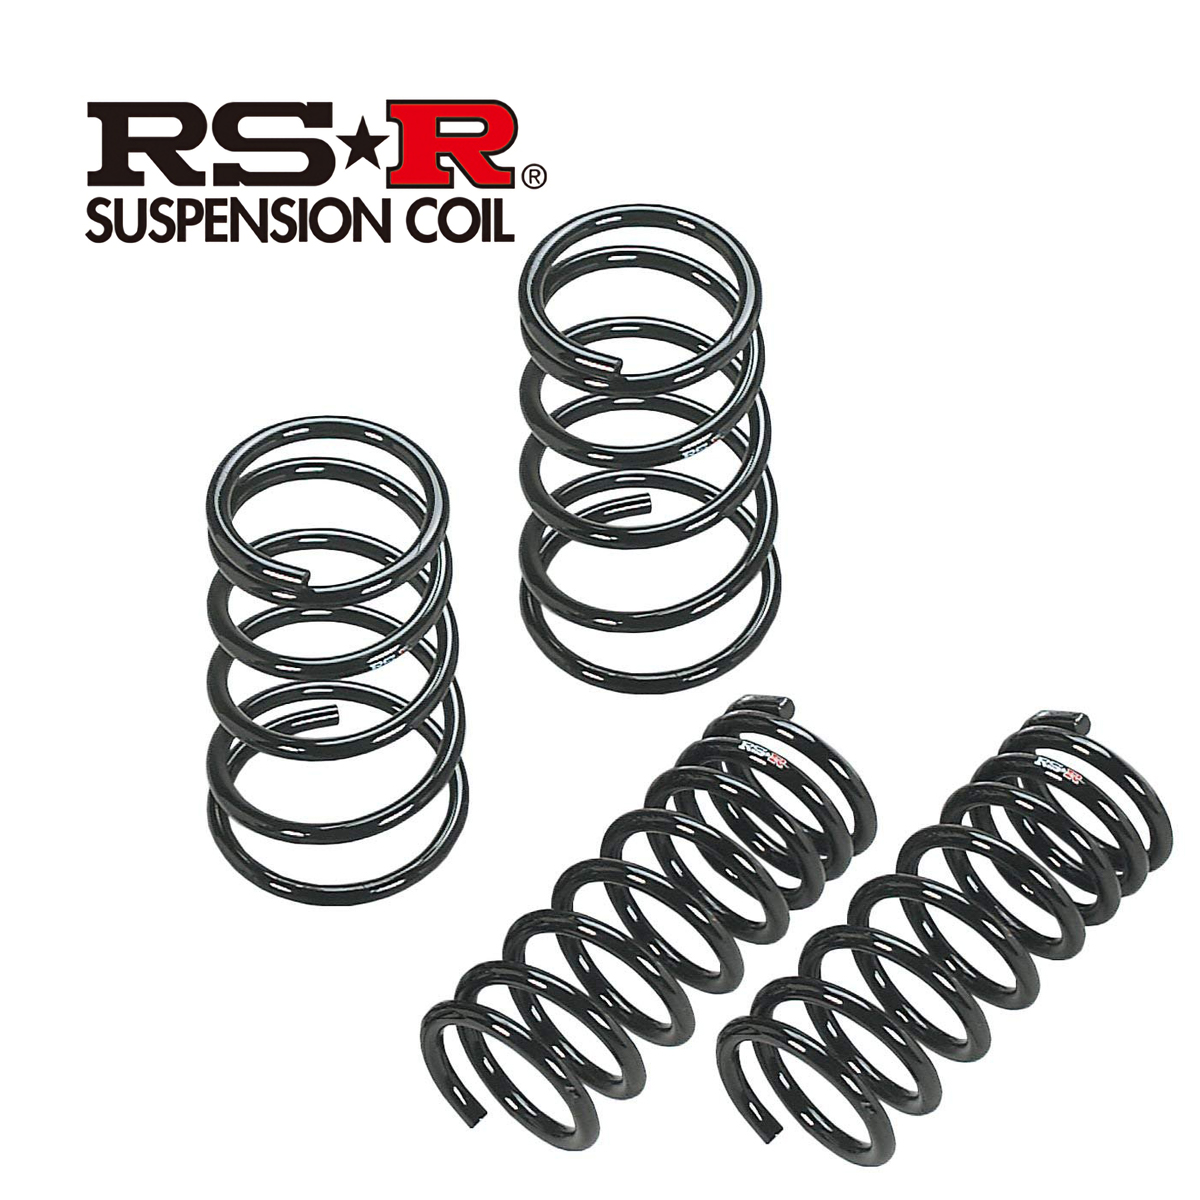 RS-R カローラスポーツ NRE210H GX ダウンサス スプリング 1台分 T580TS Ti2000 スーパーダウン RSR 個人宅発送追金有